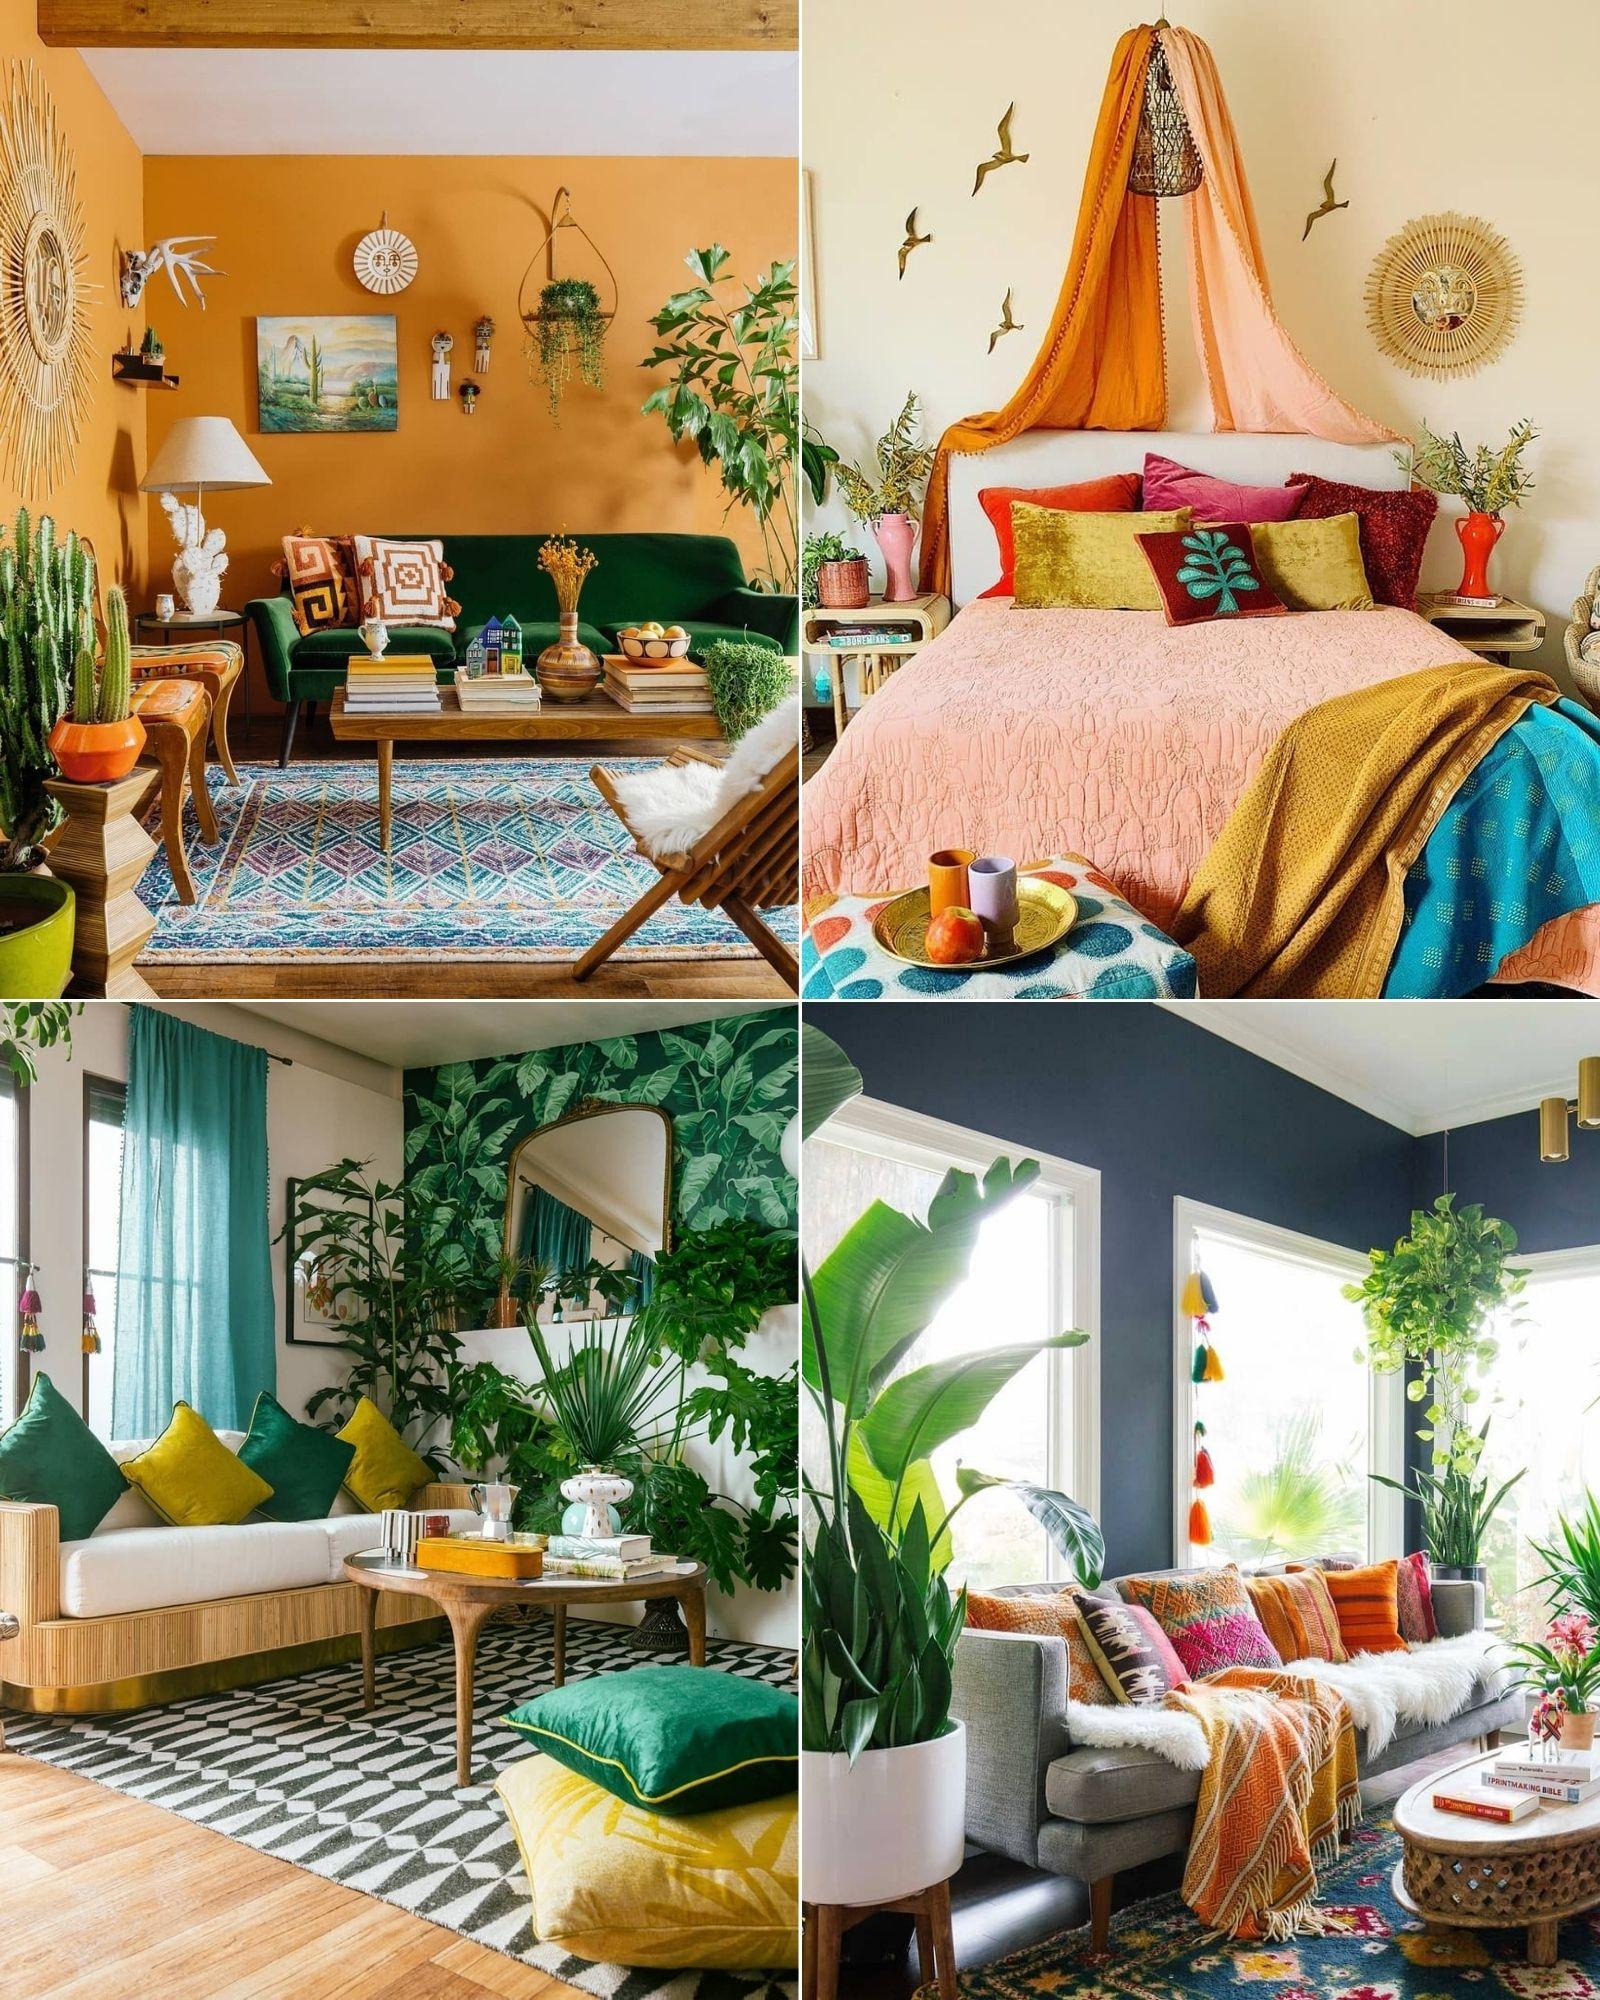 Tài khoản Instagram @thejungalow truyền cảm hứng trang trí phòng